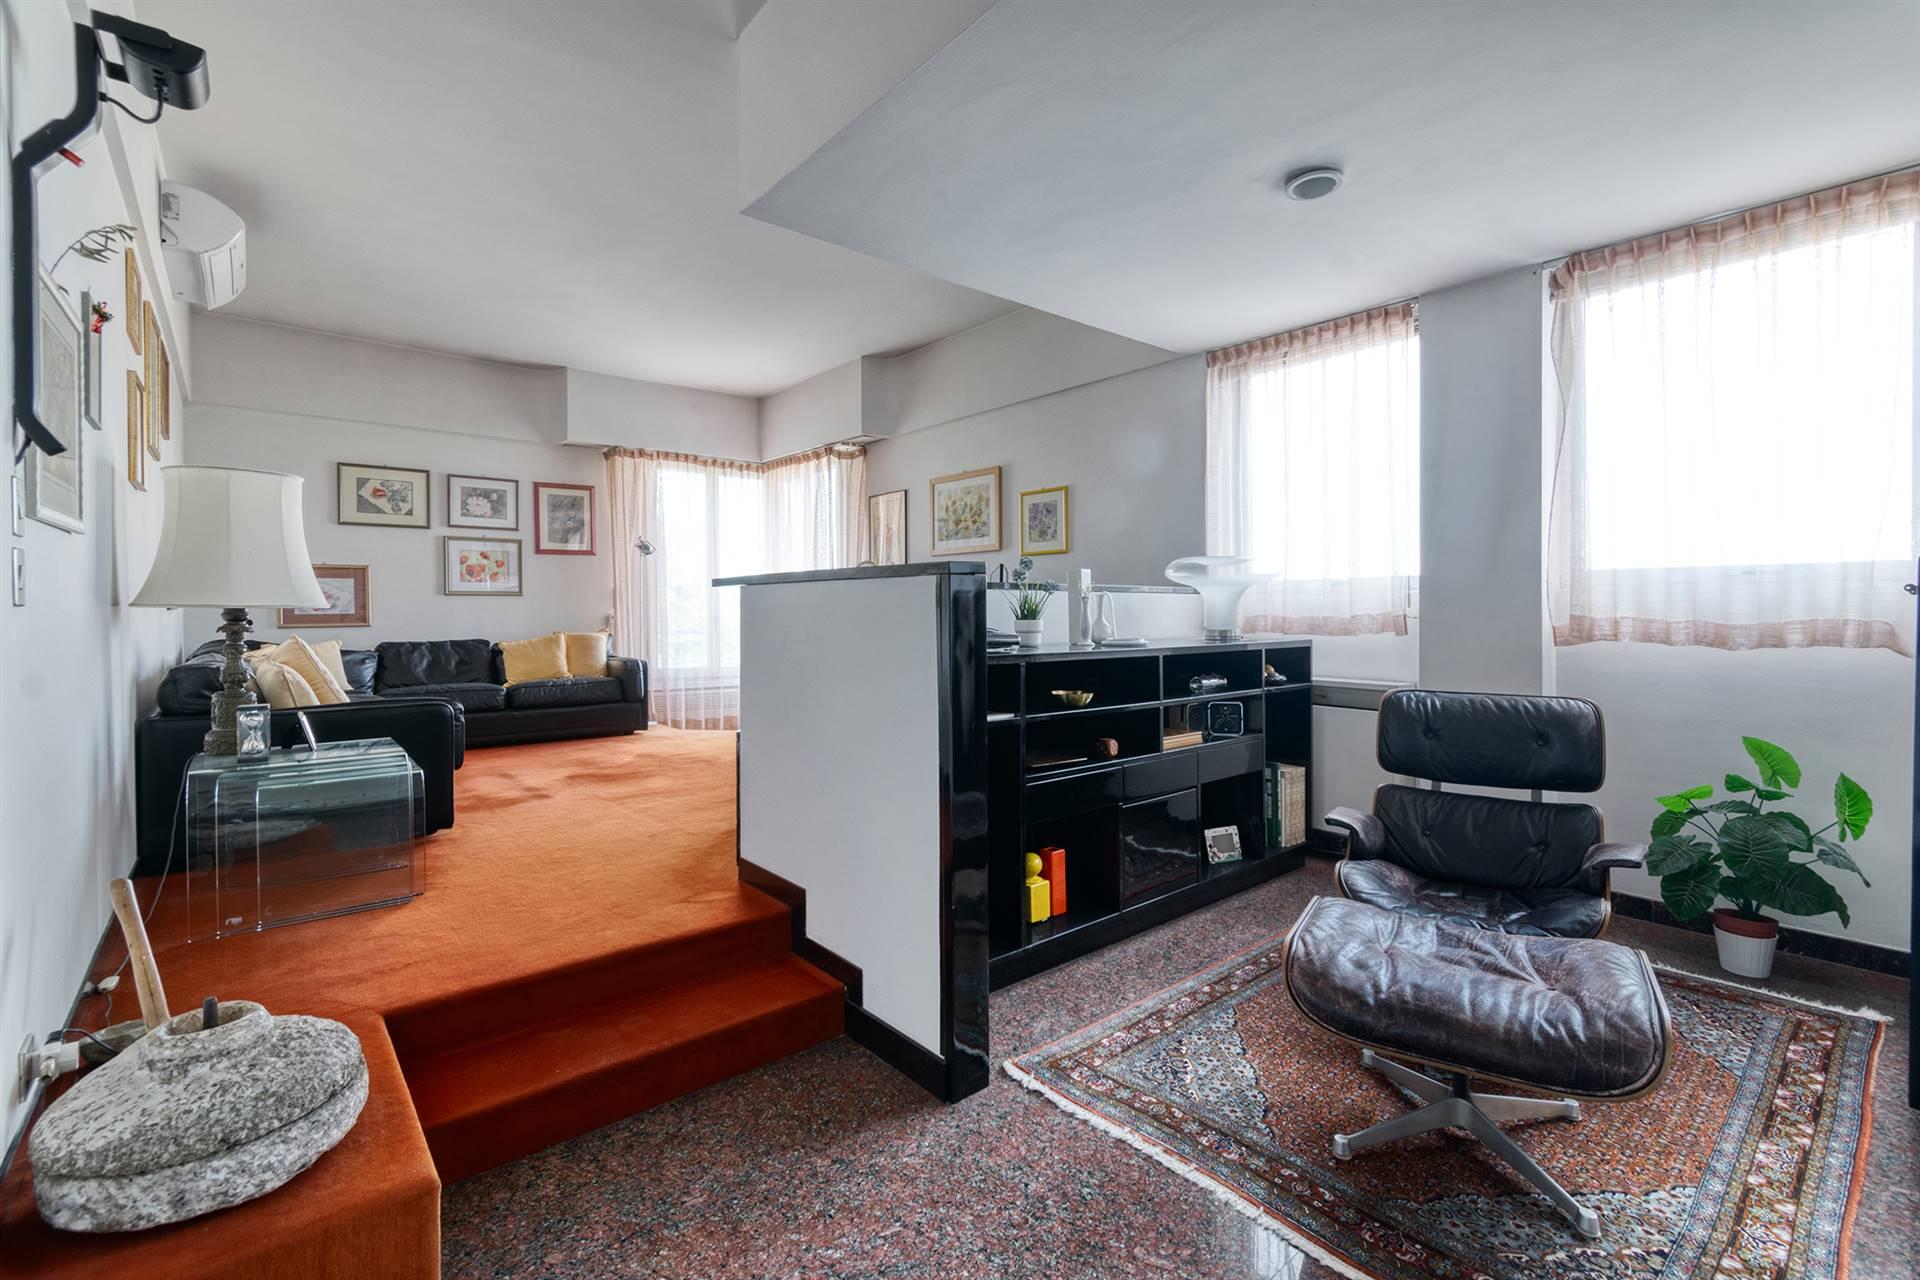 Appartamento in vendita a Bologna, 9 locali, zona Savena, Mazzini, Fossolo, Bellaria, prezzo € 590.000 | PortaleAgenzieImmobiliari.it